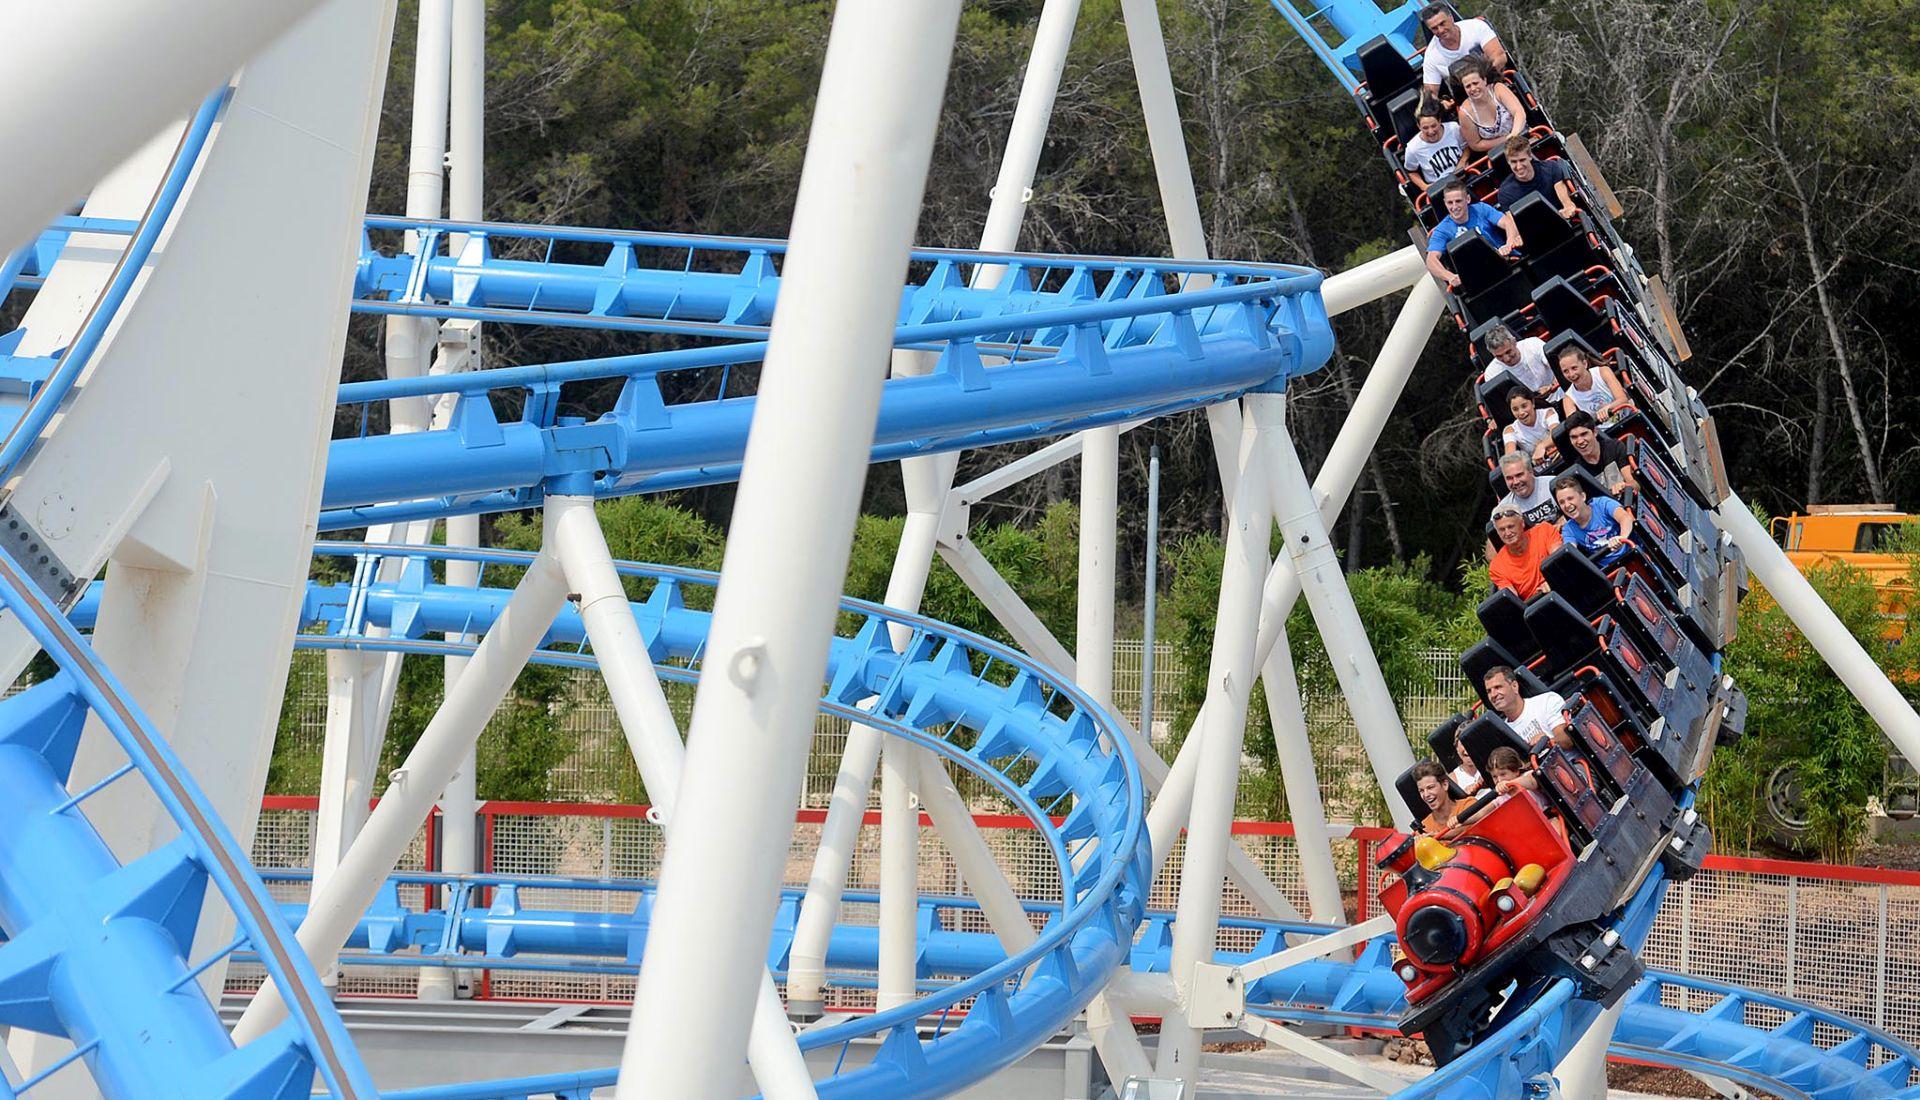 BIOGRAD Otvoren najveći zabavni park u Hrvatskoj